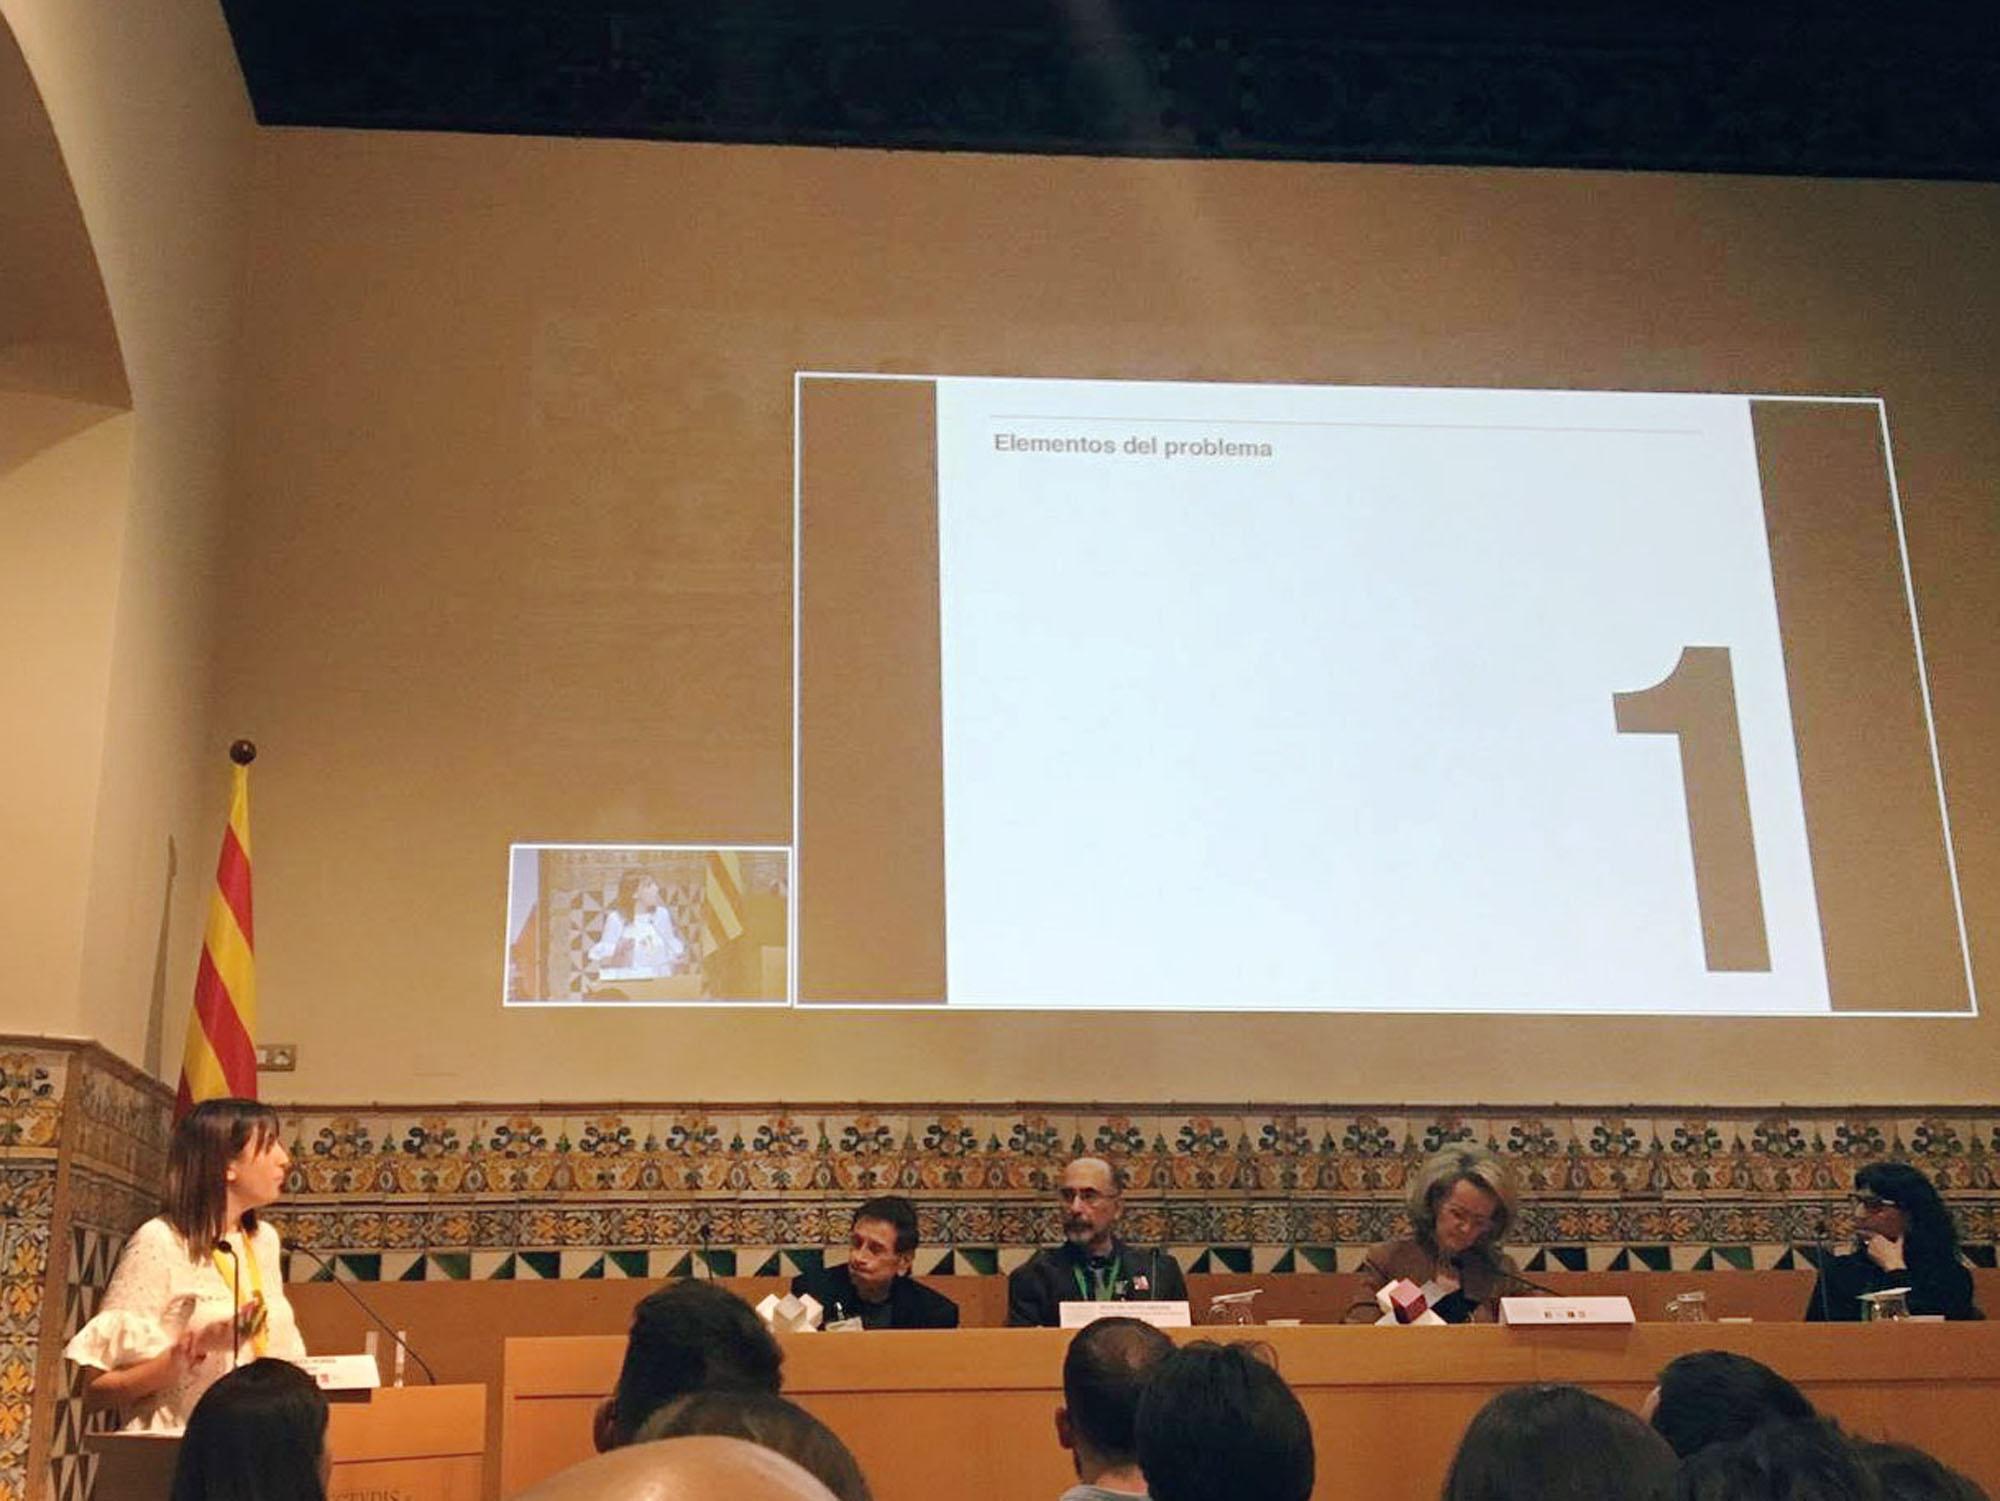 Ana Rita Izquierdo y Juanan López premiados en el GaudeamusProjecta 19